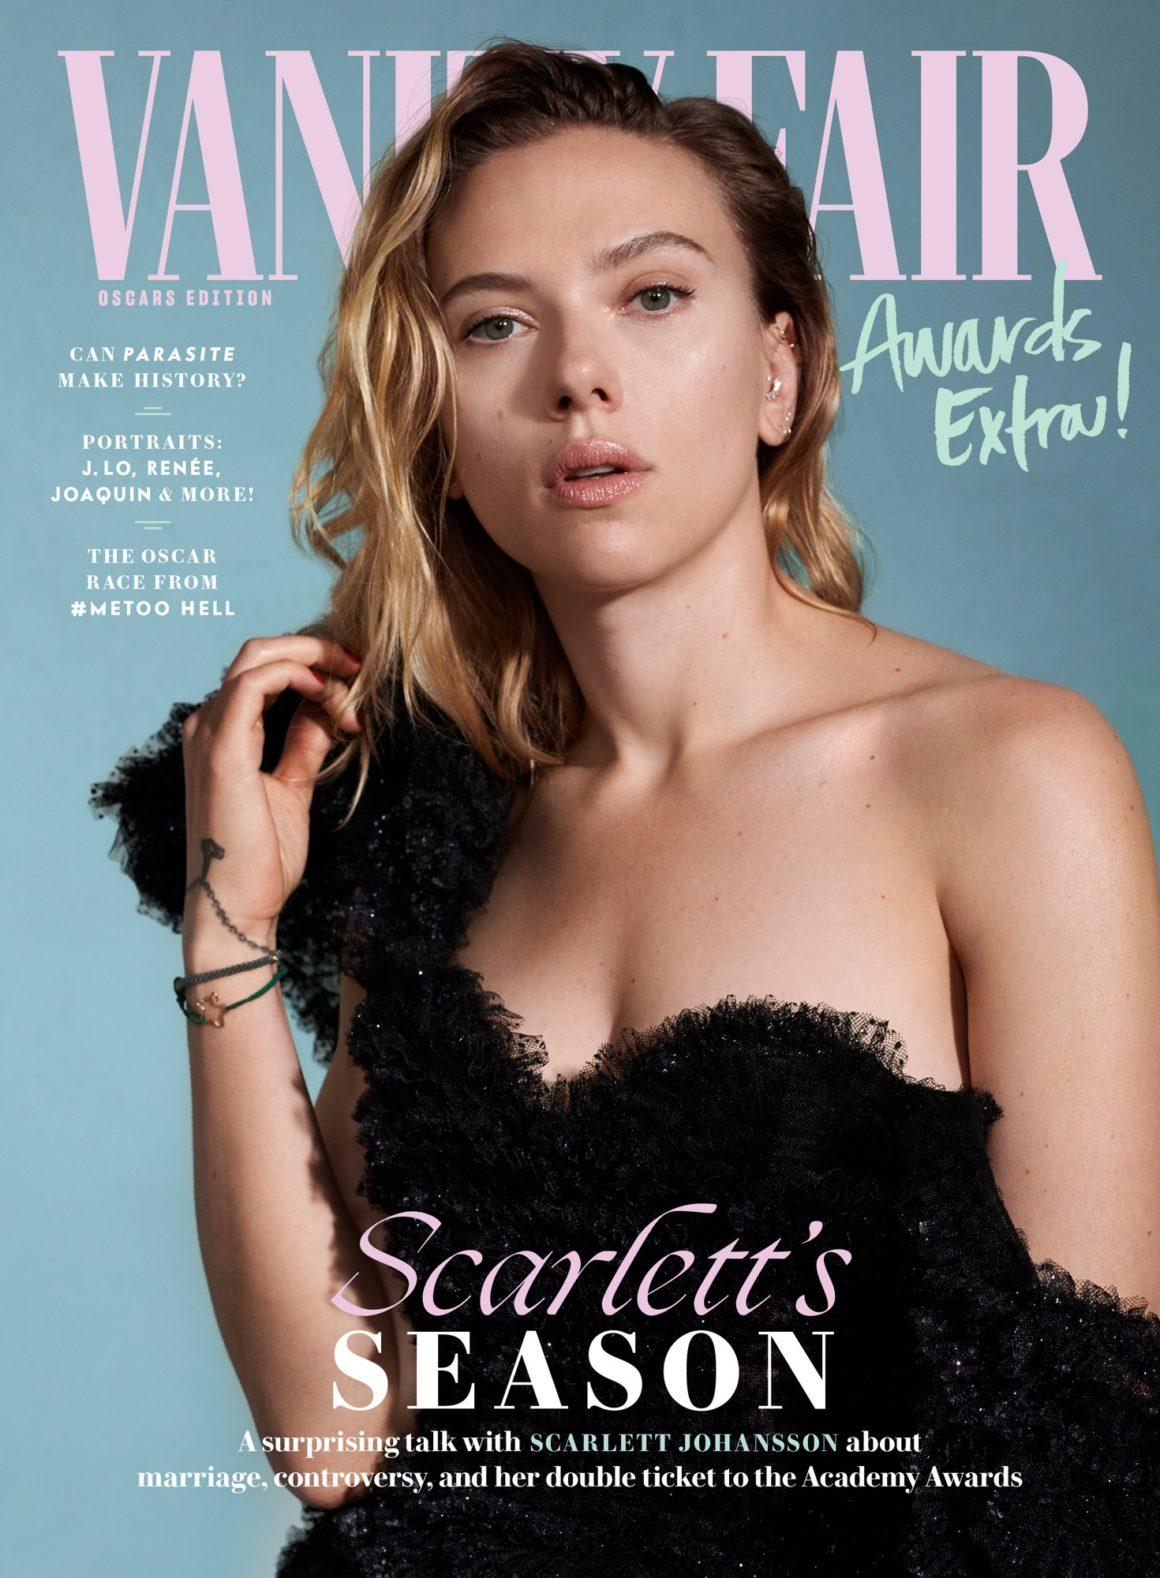 Scarlett Johansson for Vanity Fair